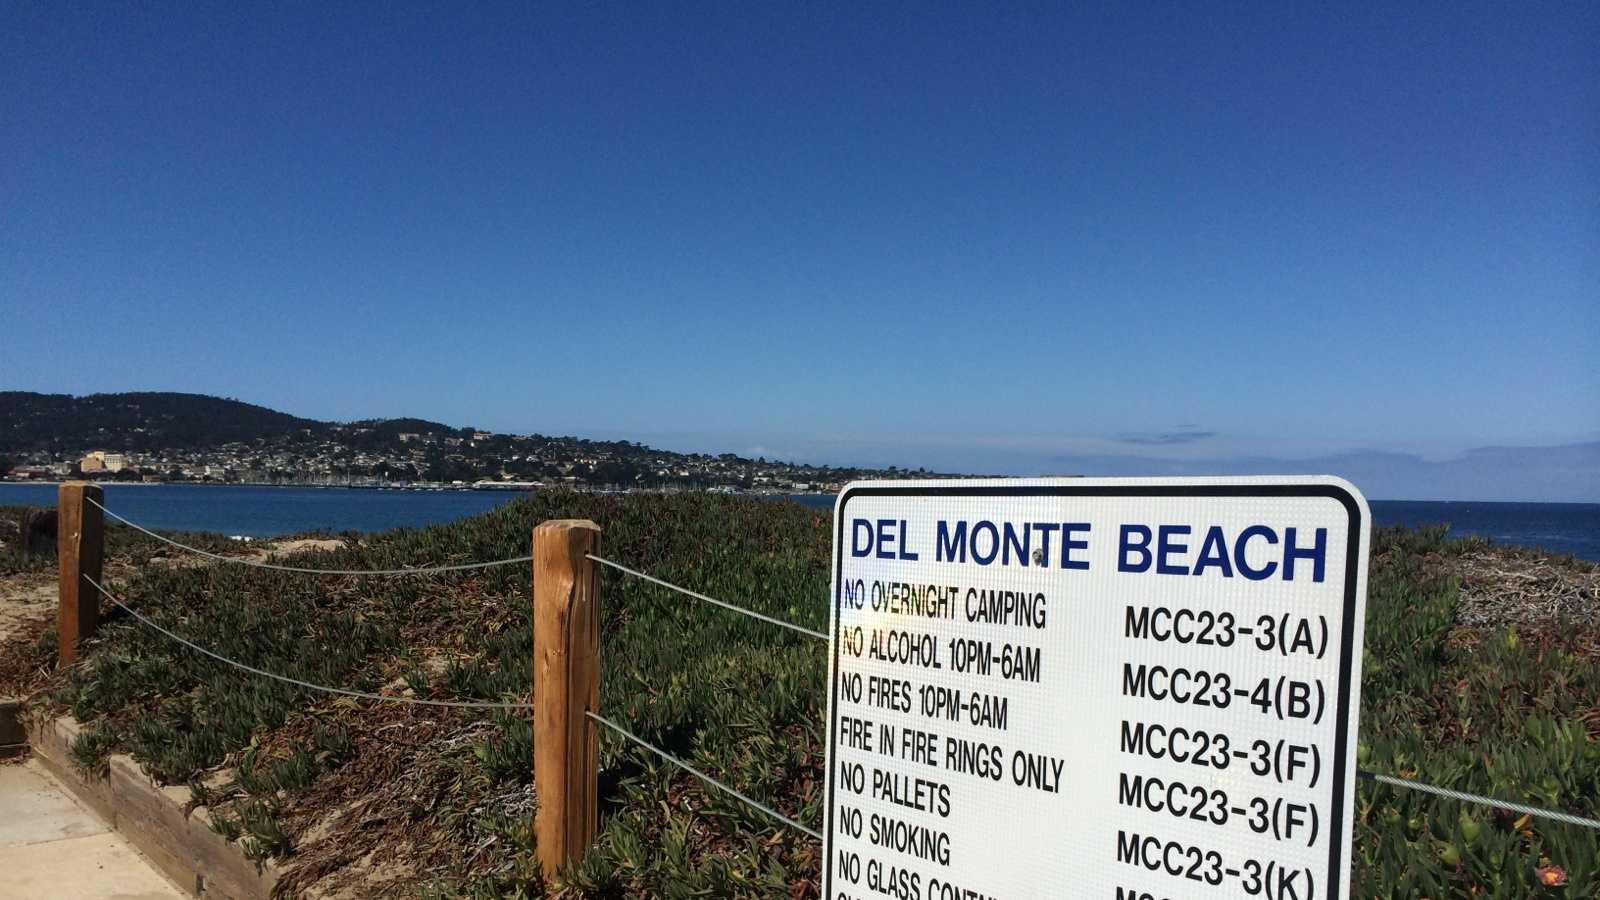 beach fire rules.jpg